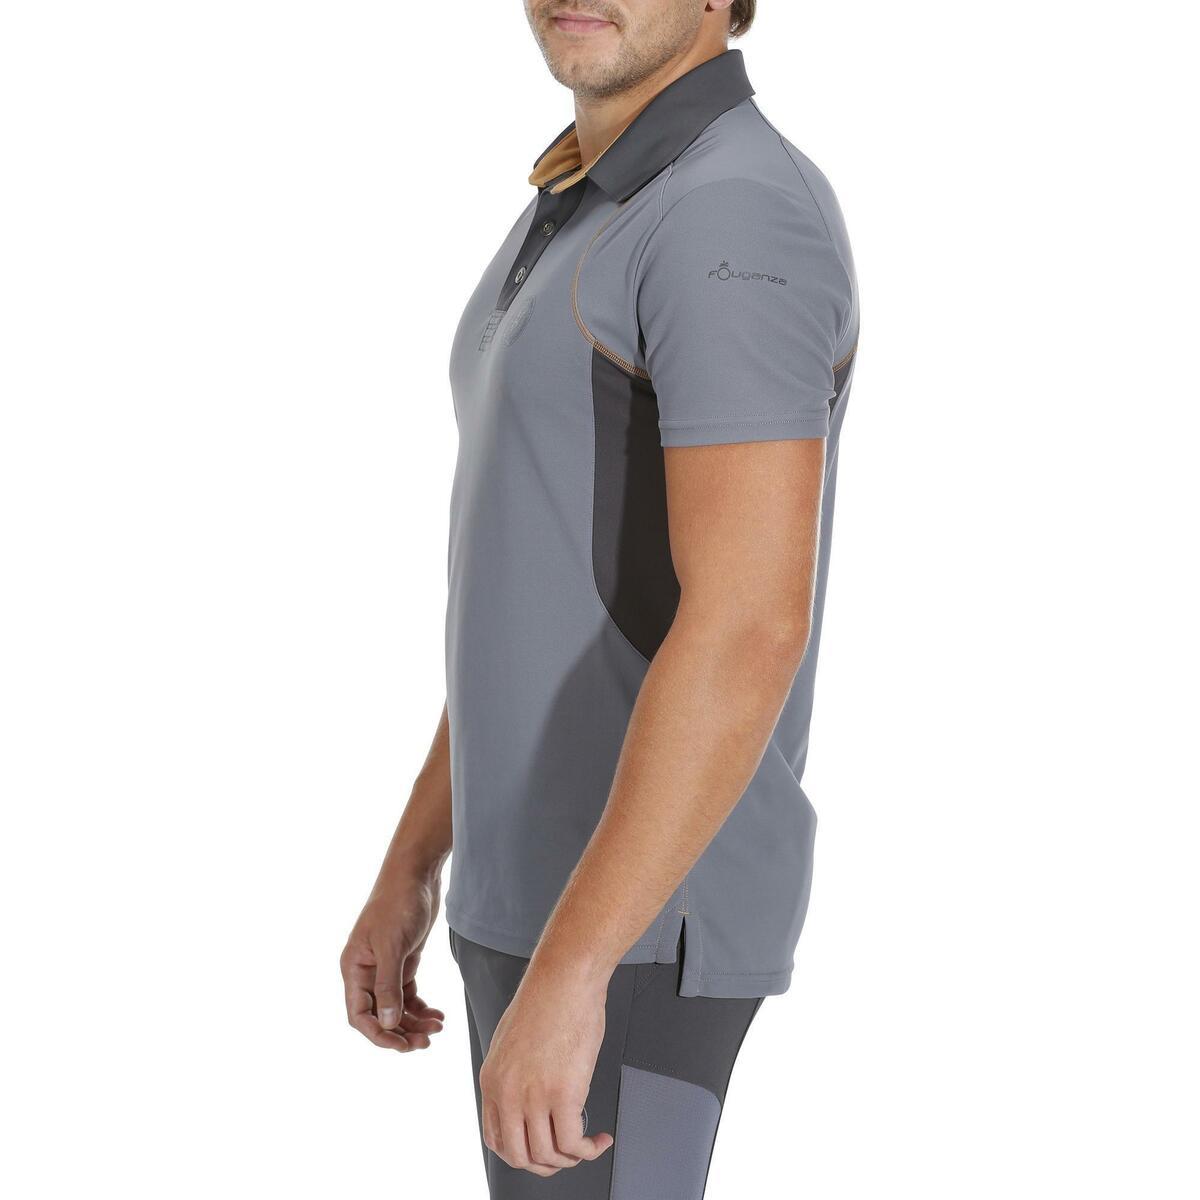 Bild 5 von Reit-Poloshirt 500 Mesh Herren grau/beige